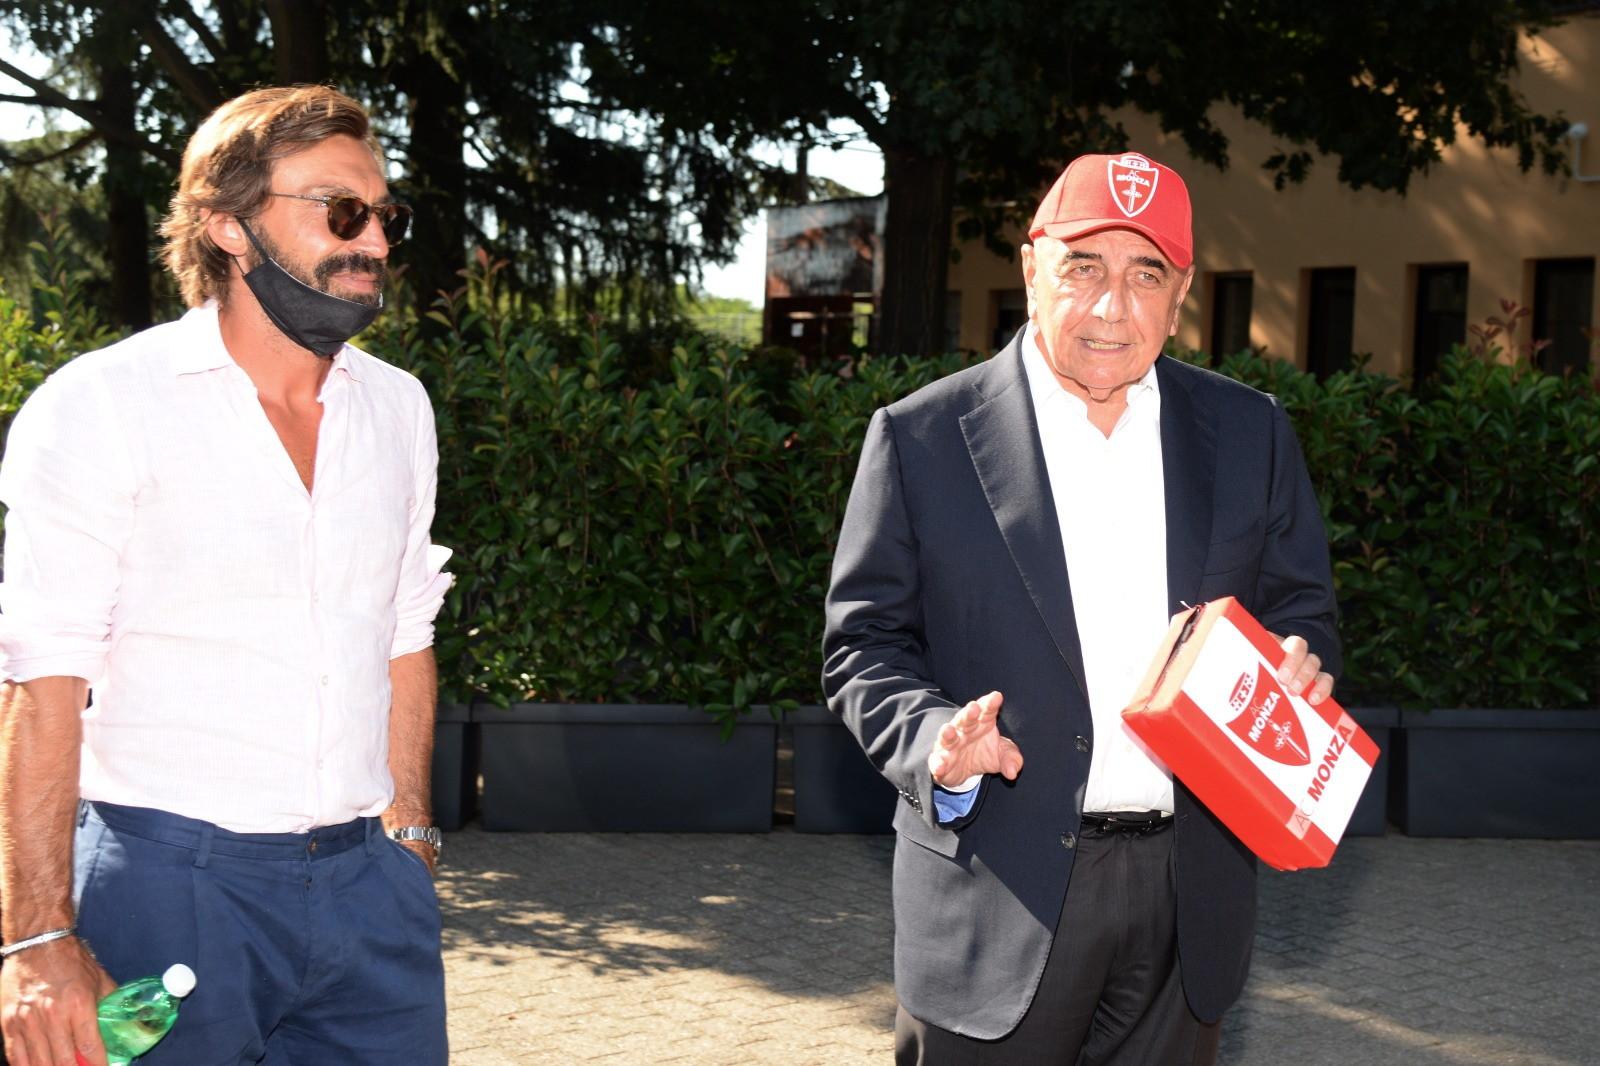 C'eraanche Andrea Pirlo, neo allenatoredellaJuventus Under 23, a Monzello ad assistere all'amichevole tra il Monza neopromosso in Serie B del suo ex compagno di squadra Cristian Brocchie la Juve Primavera di Lamberto Zauli. Il test si è chiuso sul punteggio di 6-1 per il Monza. Nell'occasione l'ex regista ha incontrato un'altravecchia conoscenza ai tempi del Milan, l'ad biancorosso Adriano Galliani. Tra i due grandi sorrisi e clima cordiale.